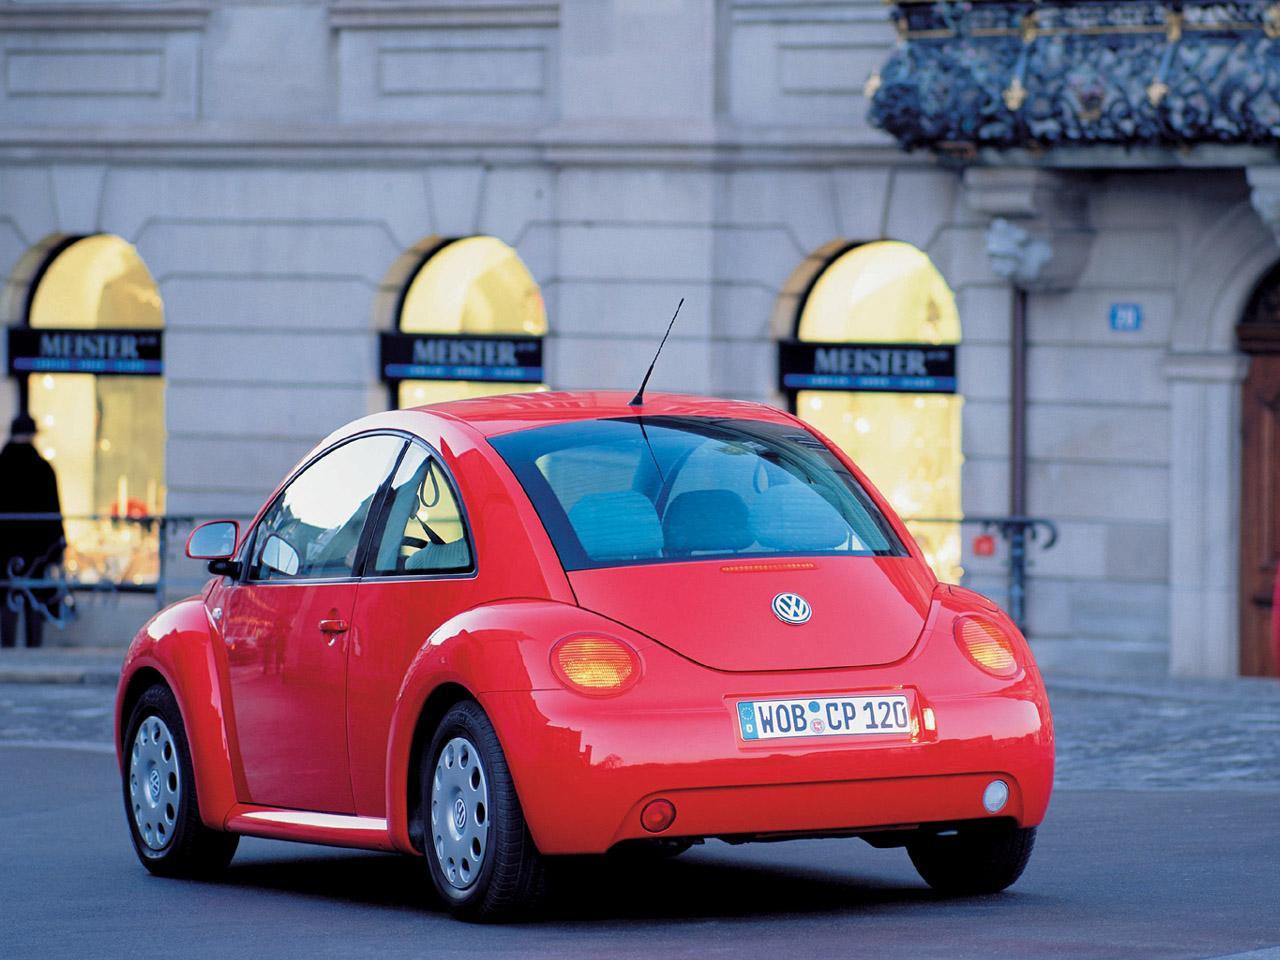 2000 volkswagen new beetle image 14. Black Bedroom Furniture Sets. Home Design Ideas